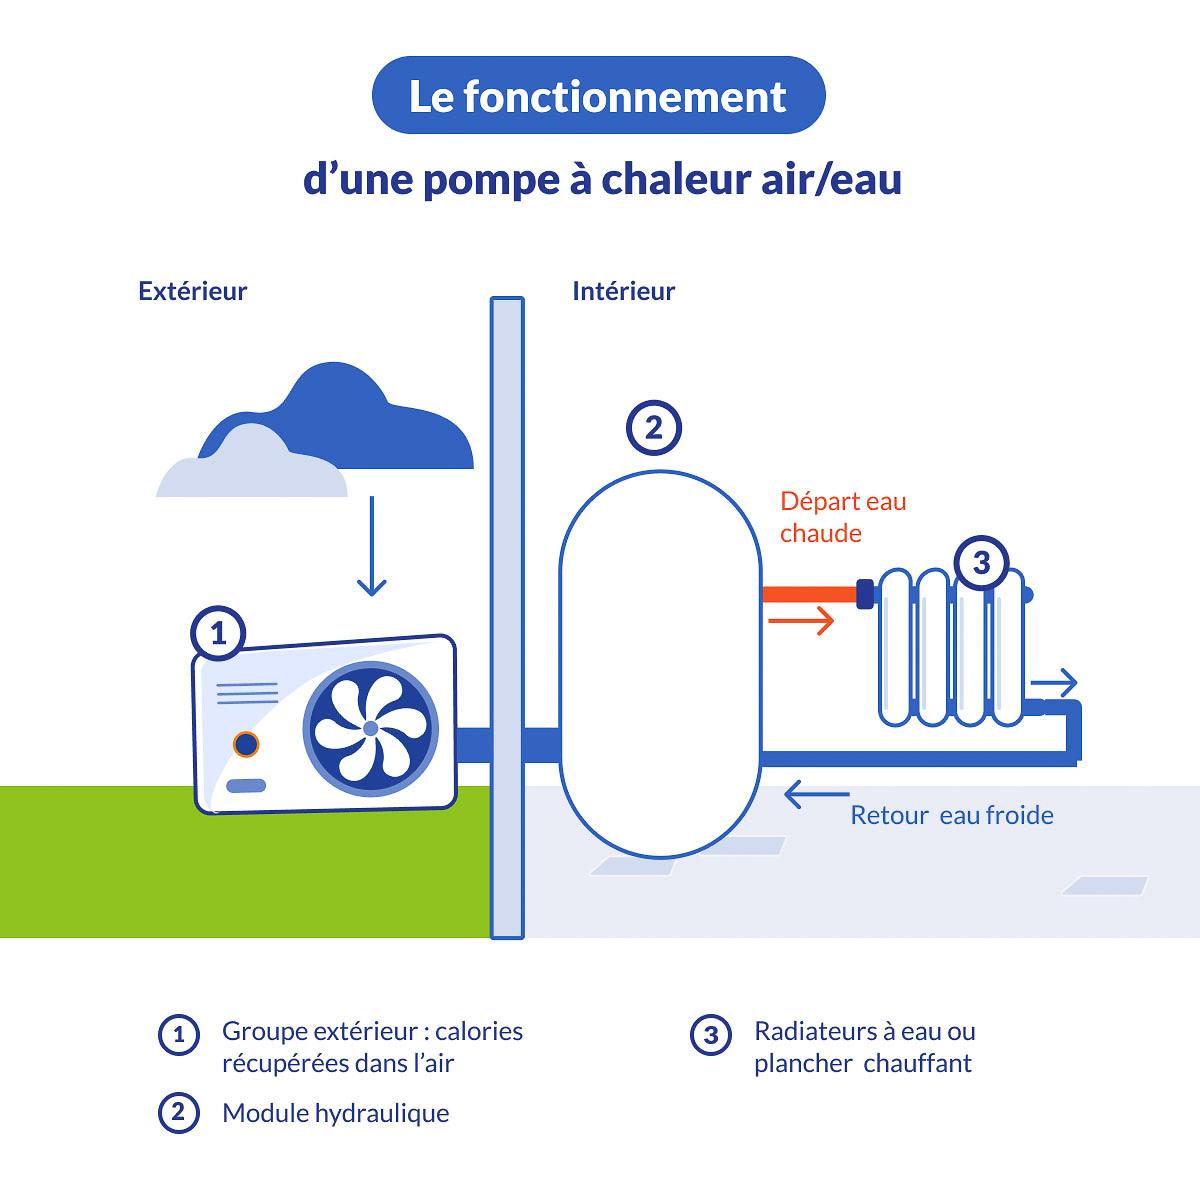 fonctionnement d'une pompe à chaleur air eau